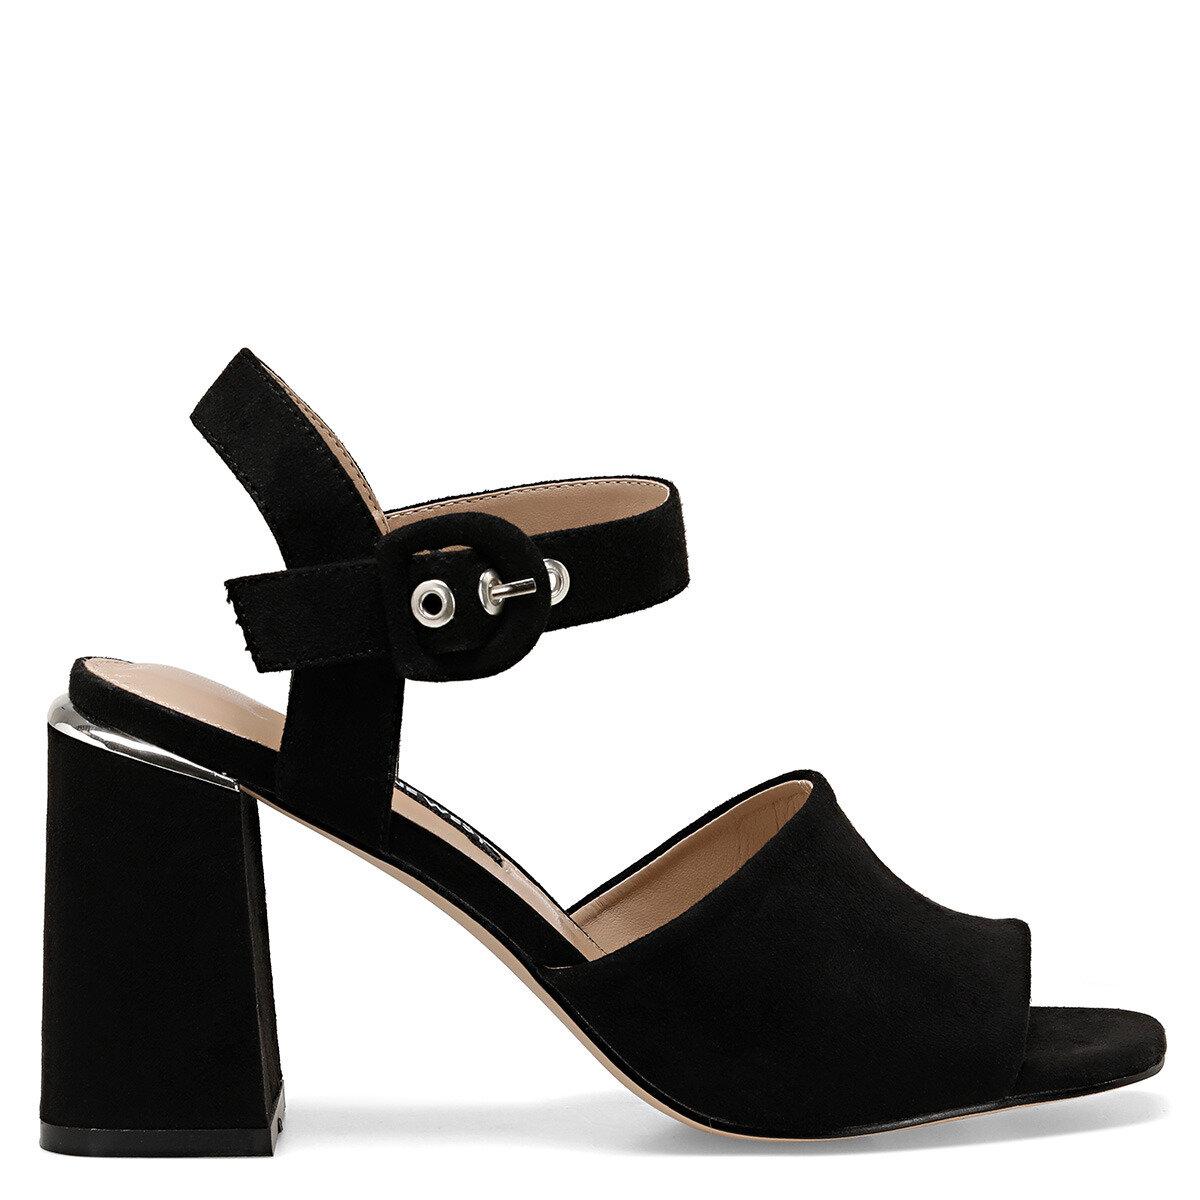 LONELLA Siyah Kadın Topuklu Sandalet